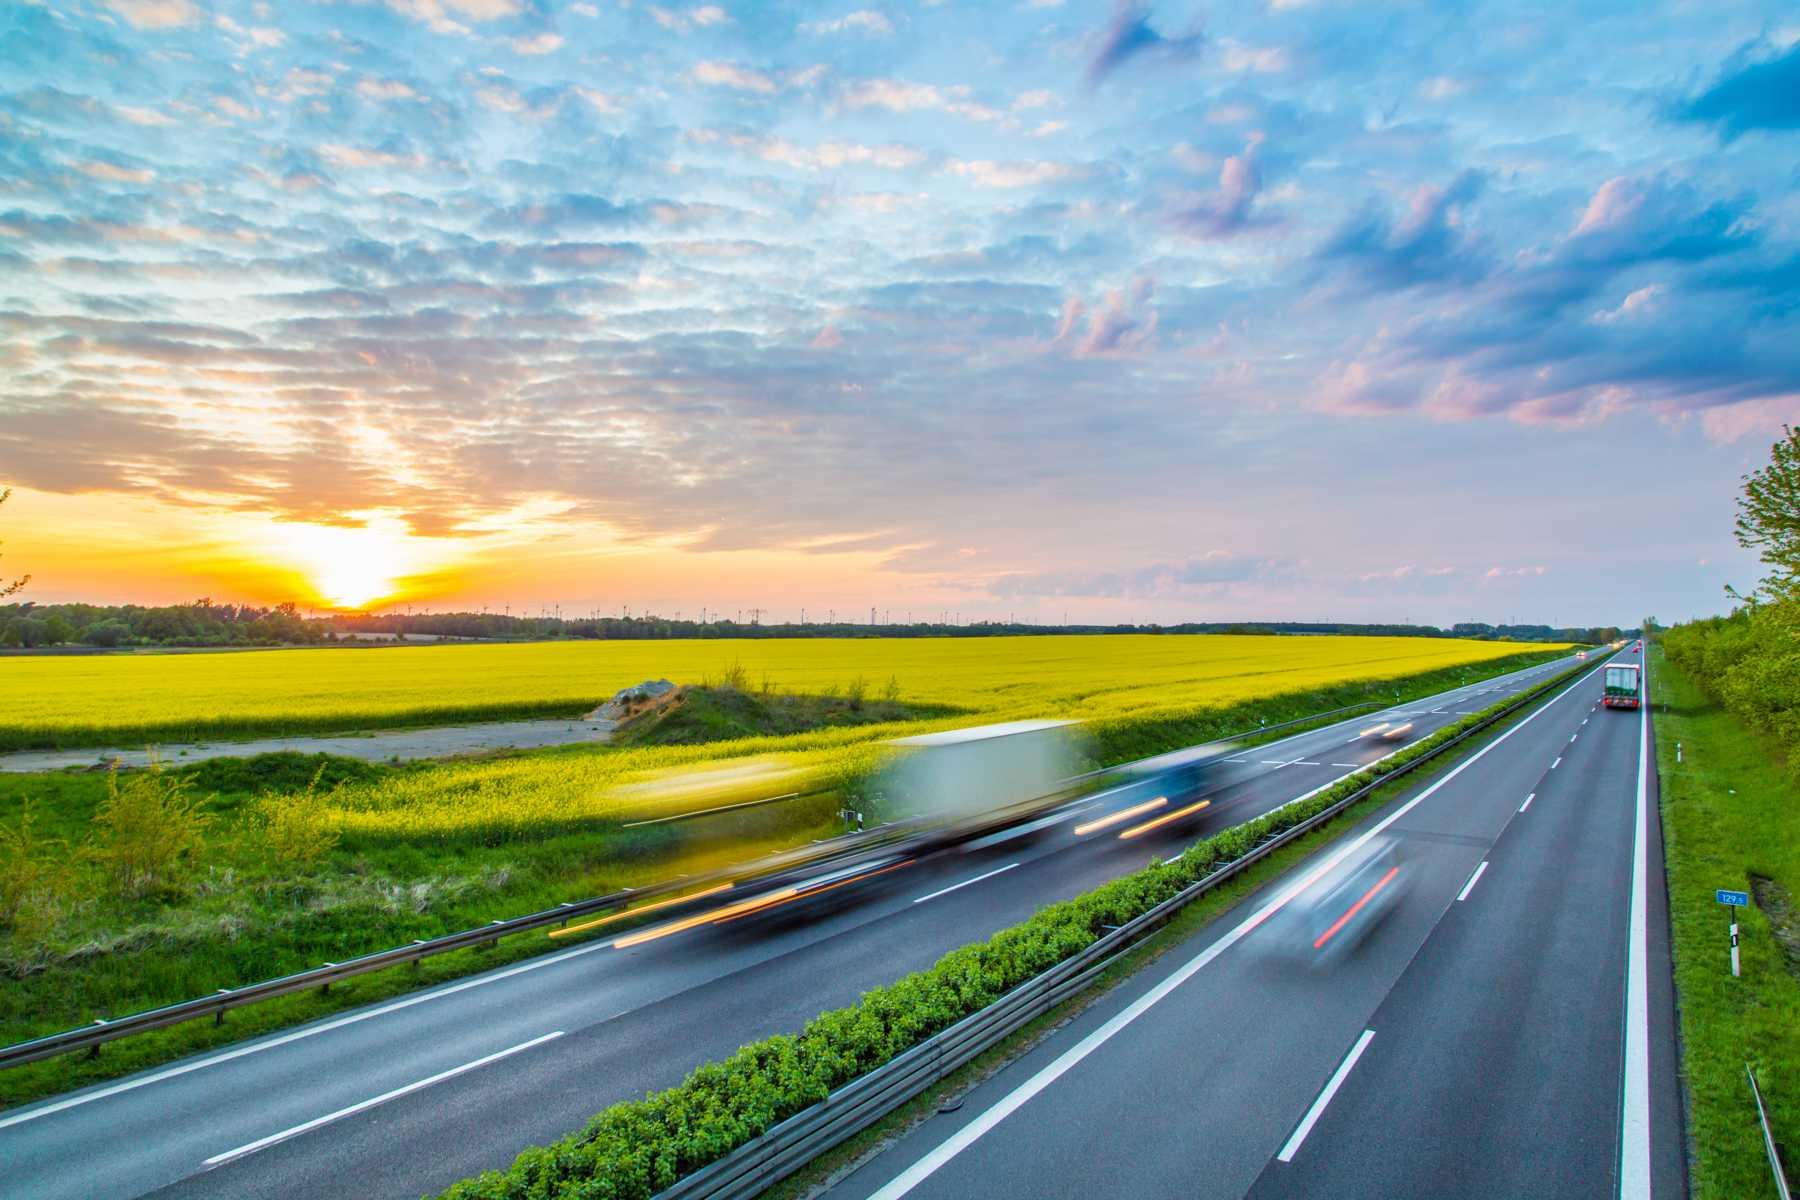 Symbolbild einer Autobahn mit Fahrzeugen